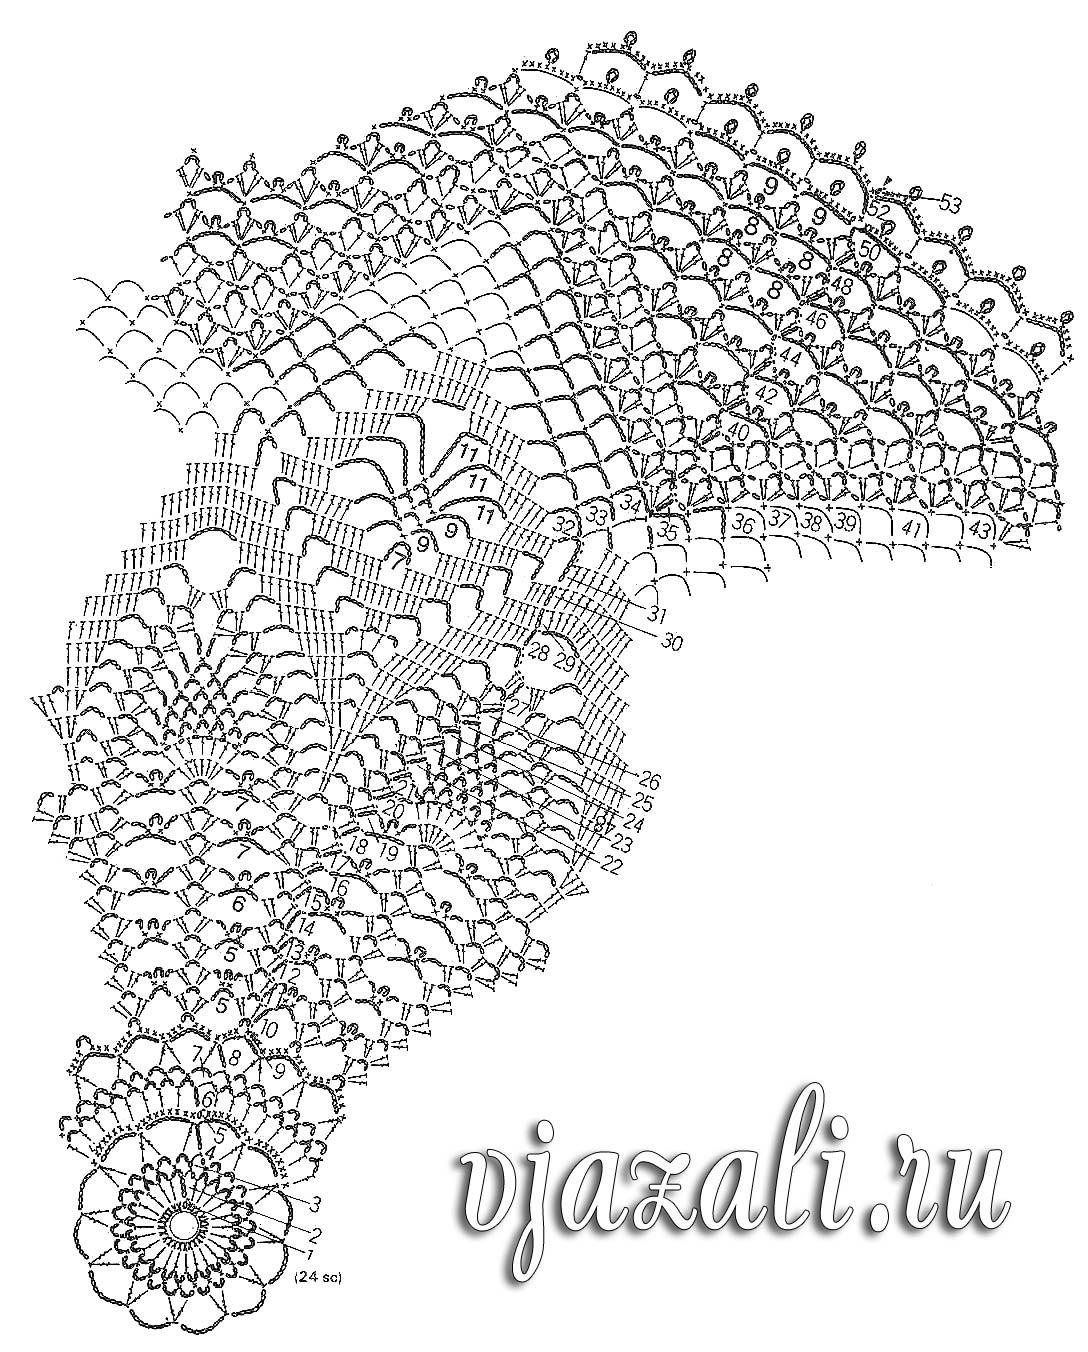 Вязание крючком.бесплатные схемы шалей мужские стрижки прически 2009-2010 беби борн fyf tkm.